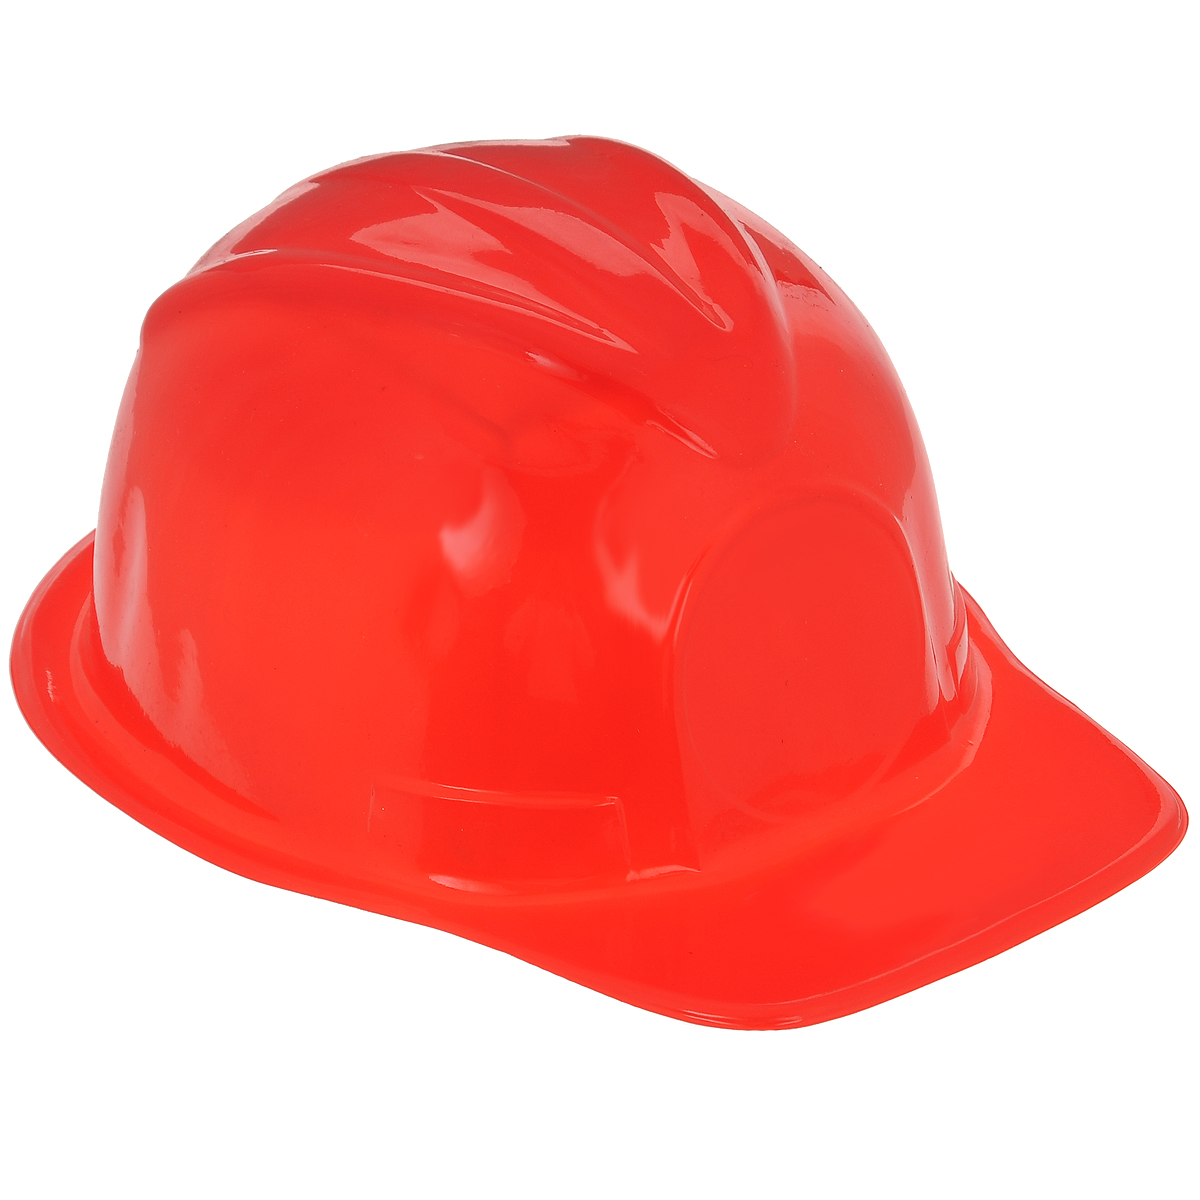 Маскарадная шляпа Каска, цвет: красный, 51,5 см. 31346 невская маскарадная котенка в тюмени